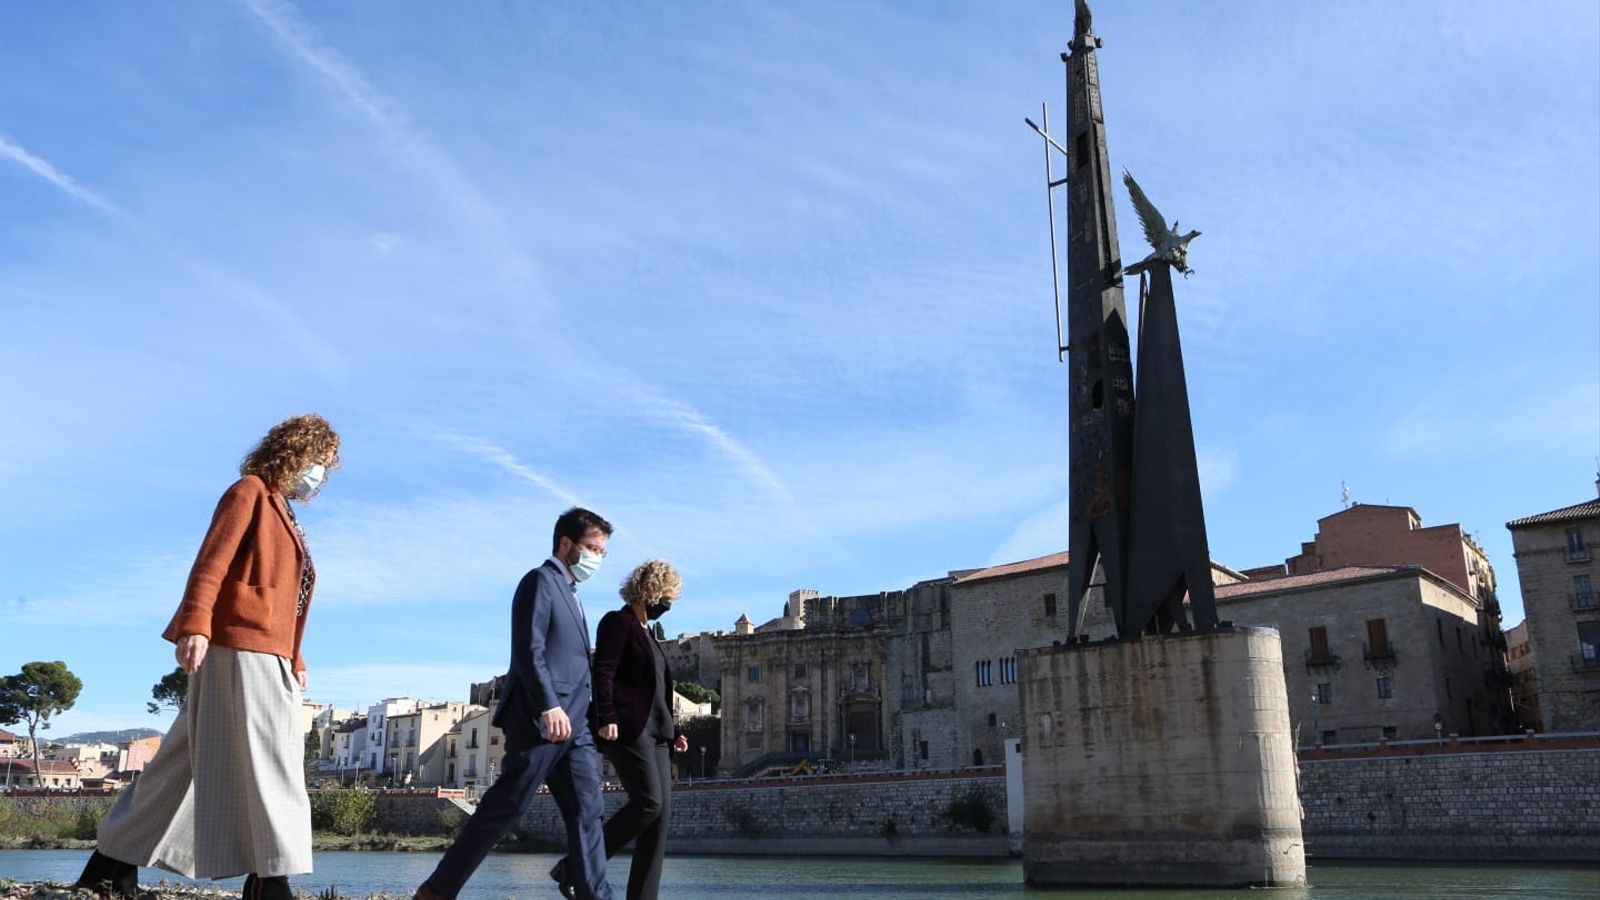 La Generalitat desmantellarà el monument franquista de Tortosa aquest estiu